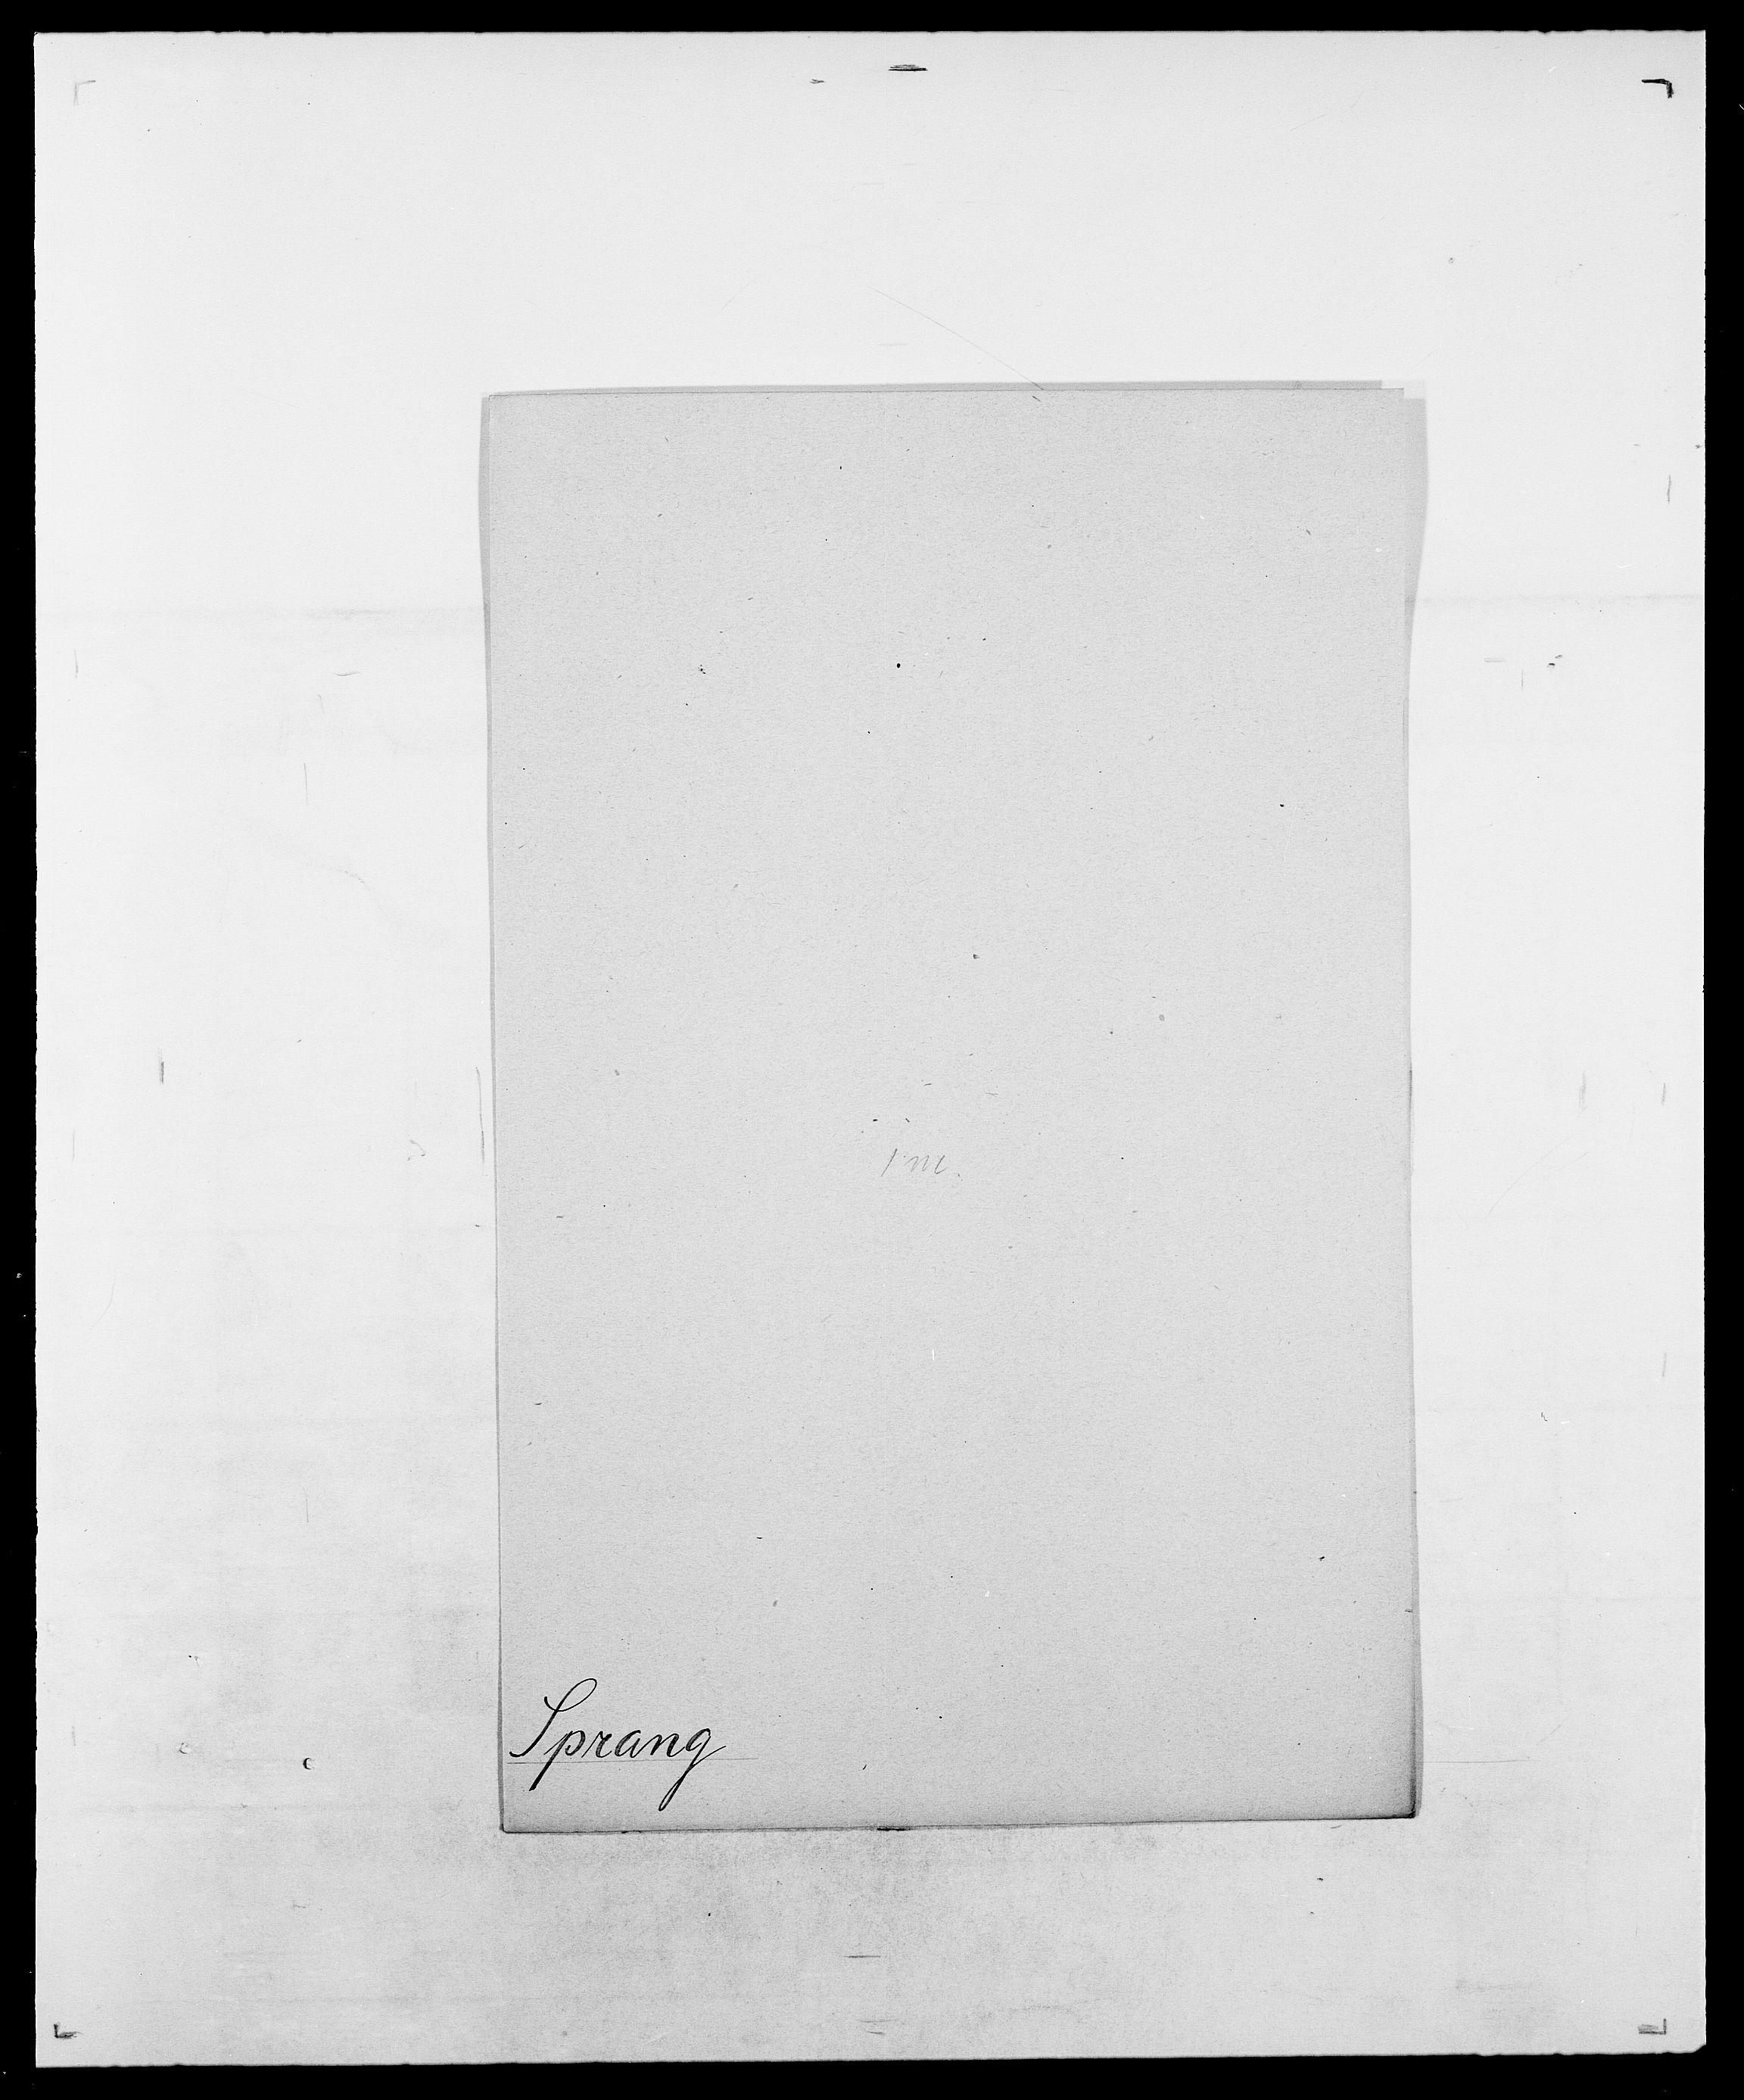 SAO, Delgobe, Charles Antoine - samling, D/Da/L0036: Skaanør - Staverskov, s. 586